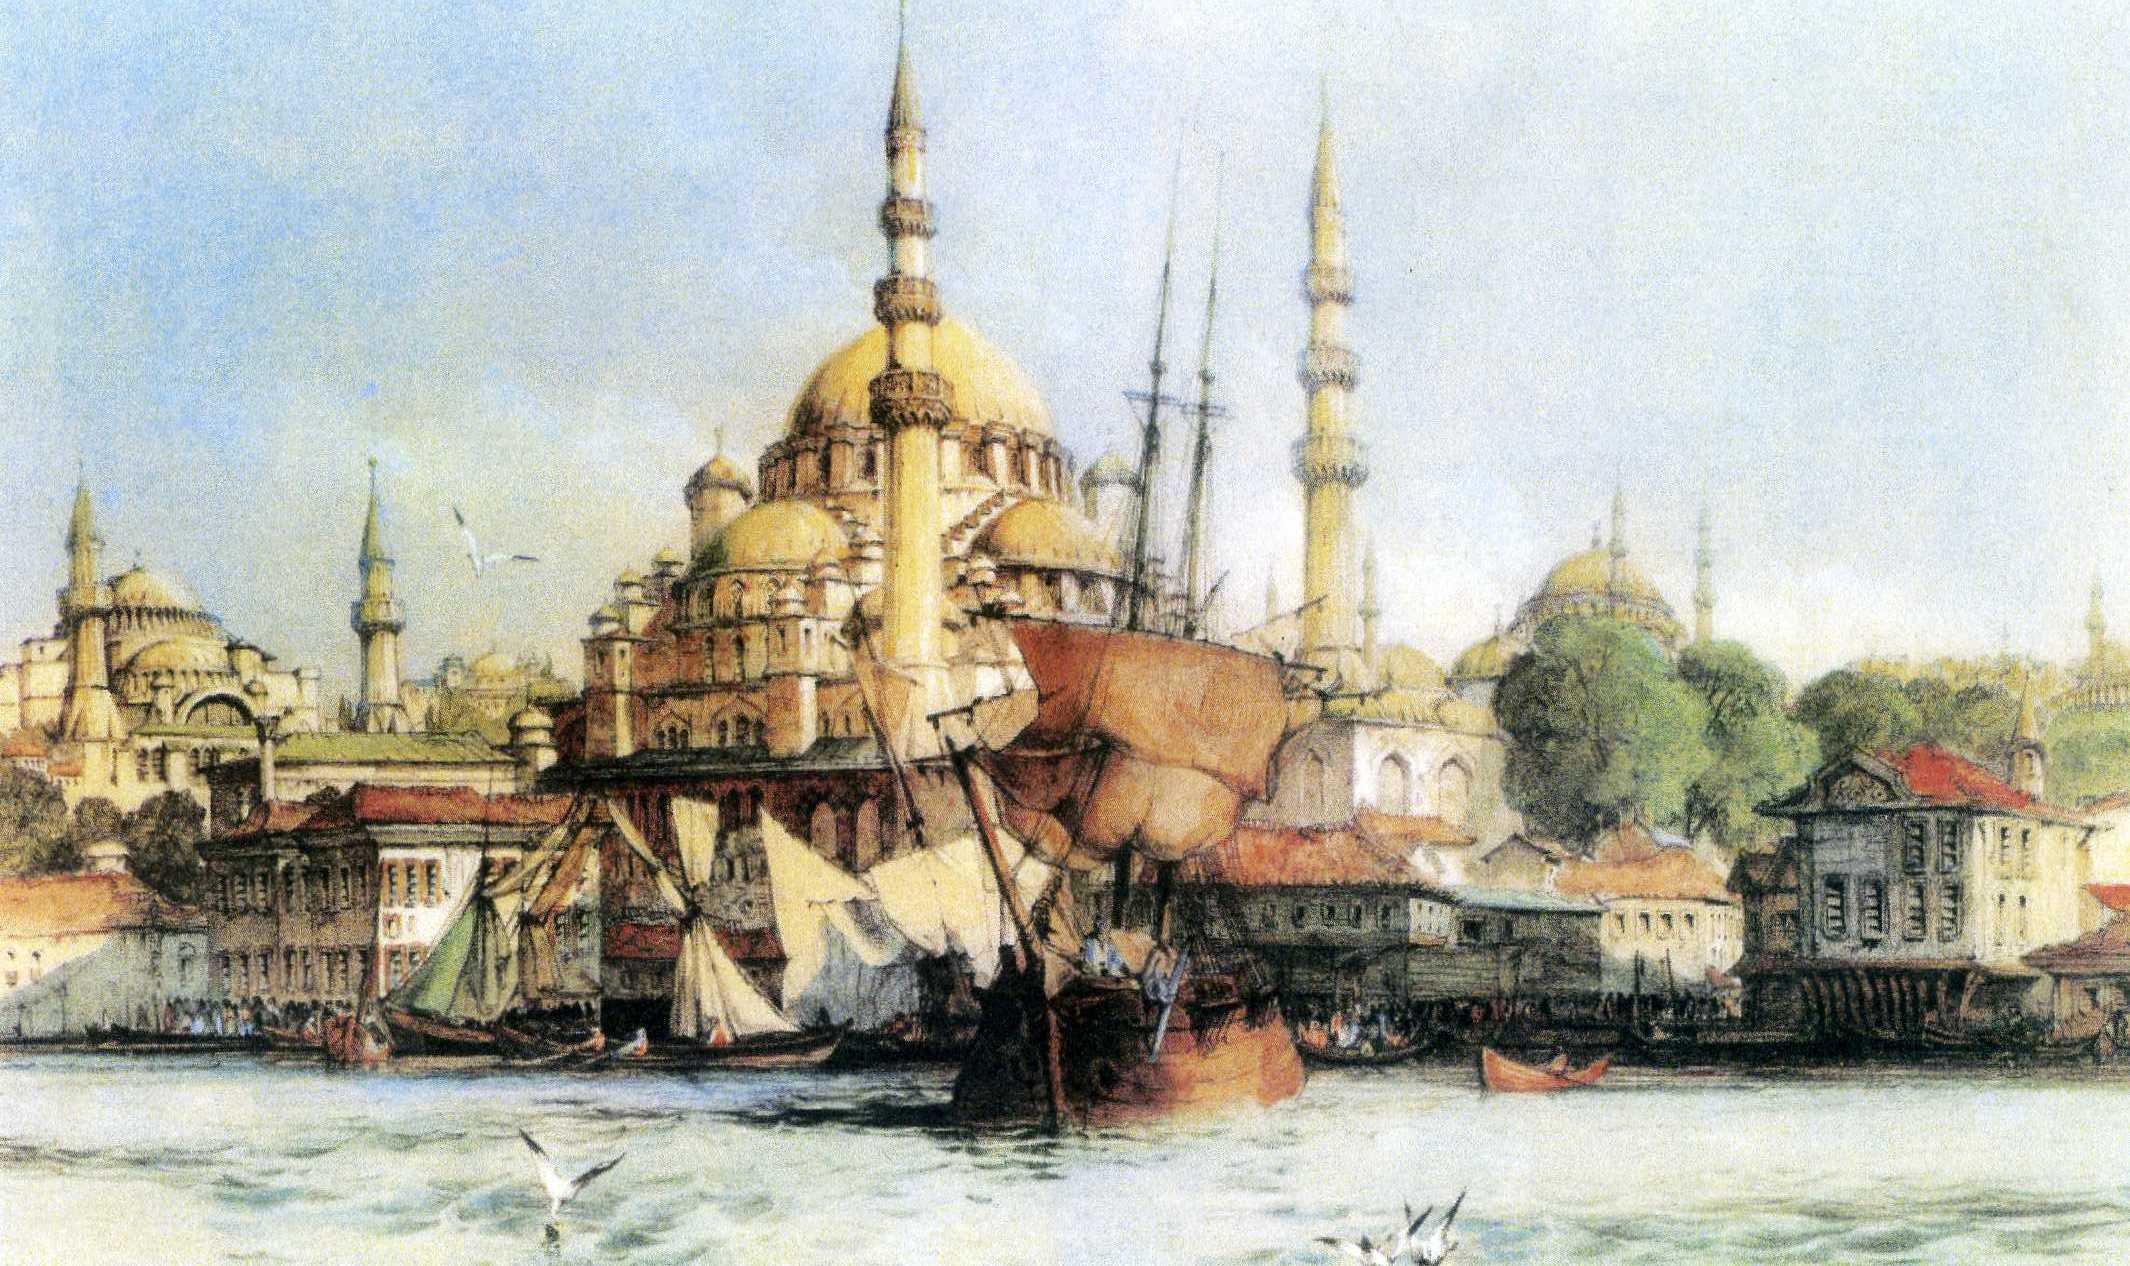 Konstantinopel. Moschee Yeni Jami und Hagia Sophia, John F. Lewis, Lithographie (nach einem Gemälde von Coke Smith), 1835, Privatbesitz, Graz